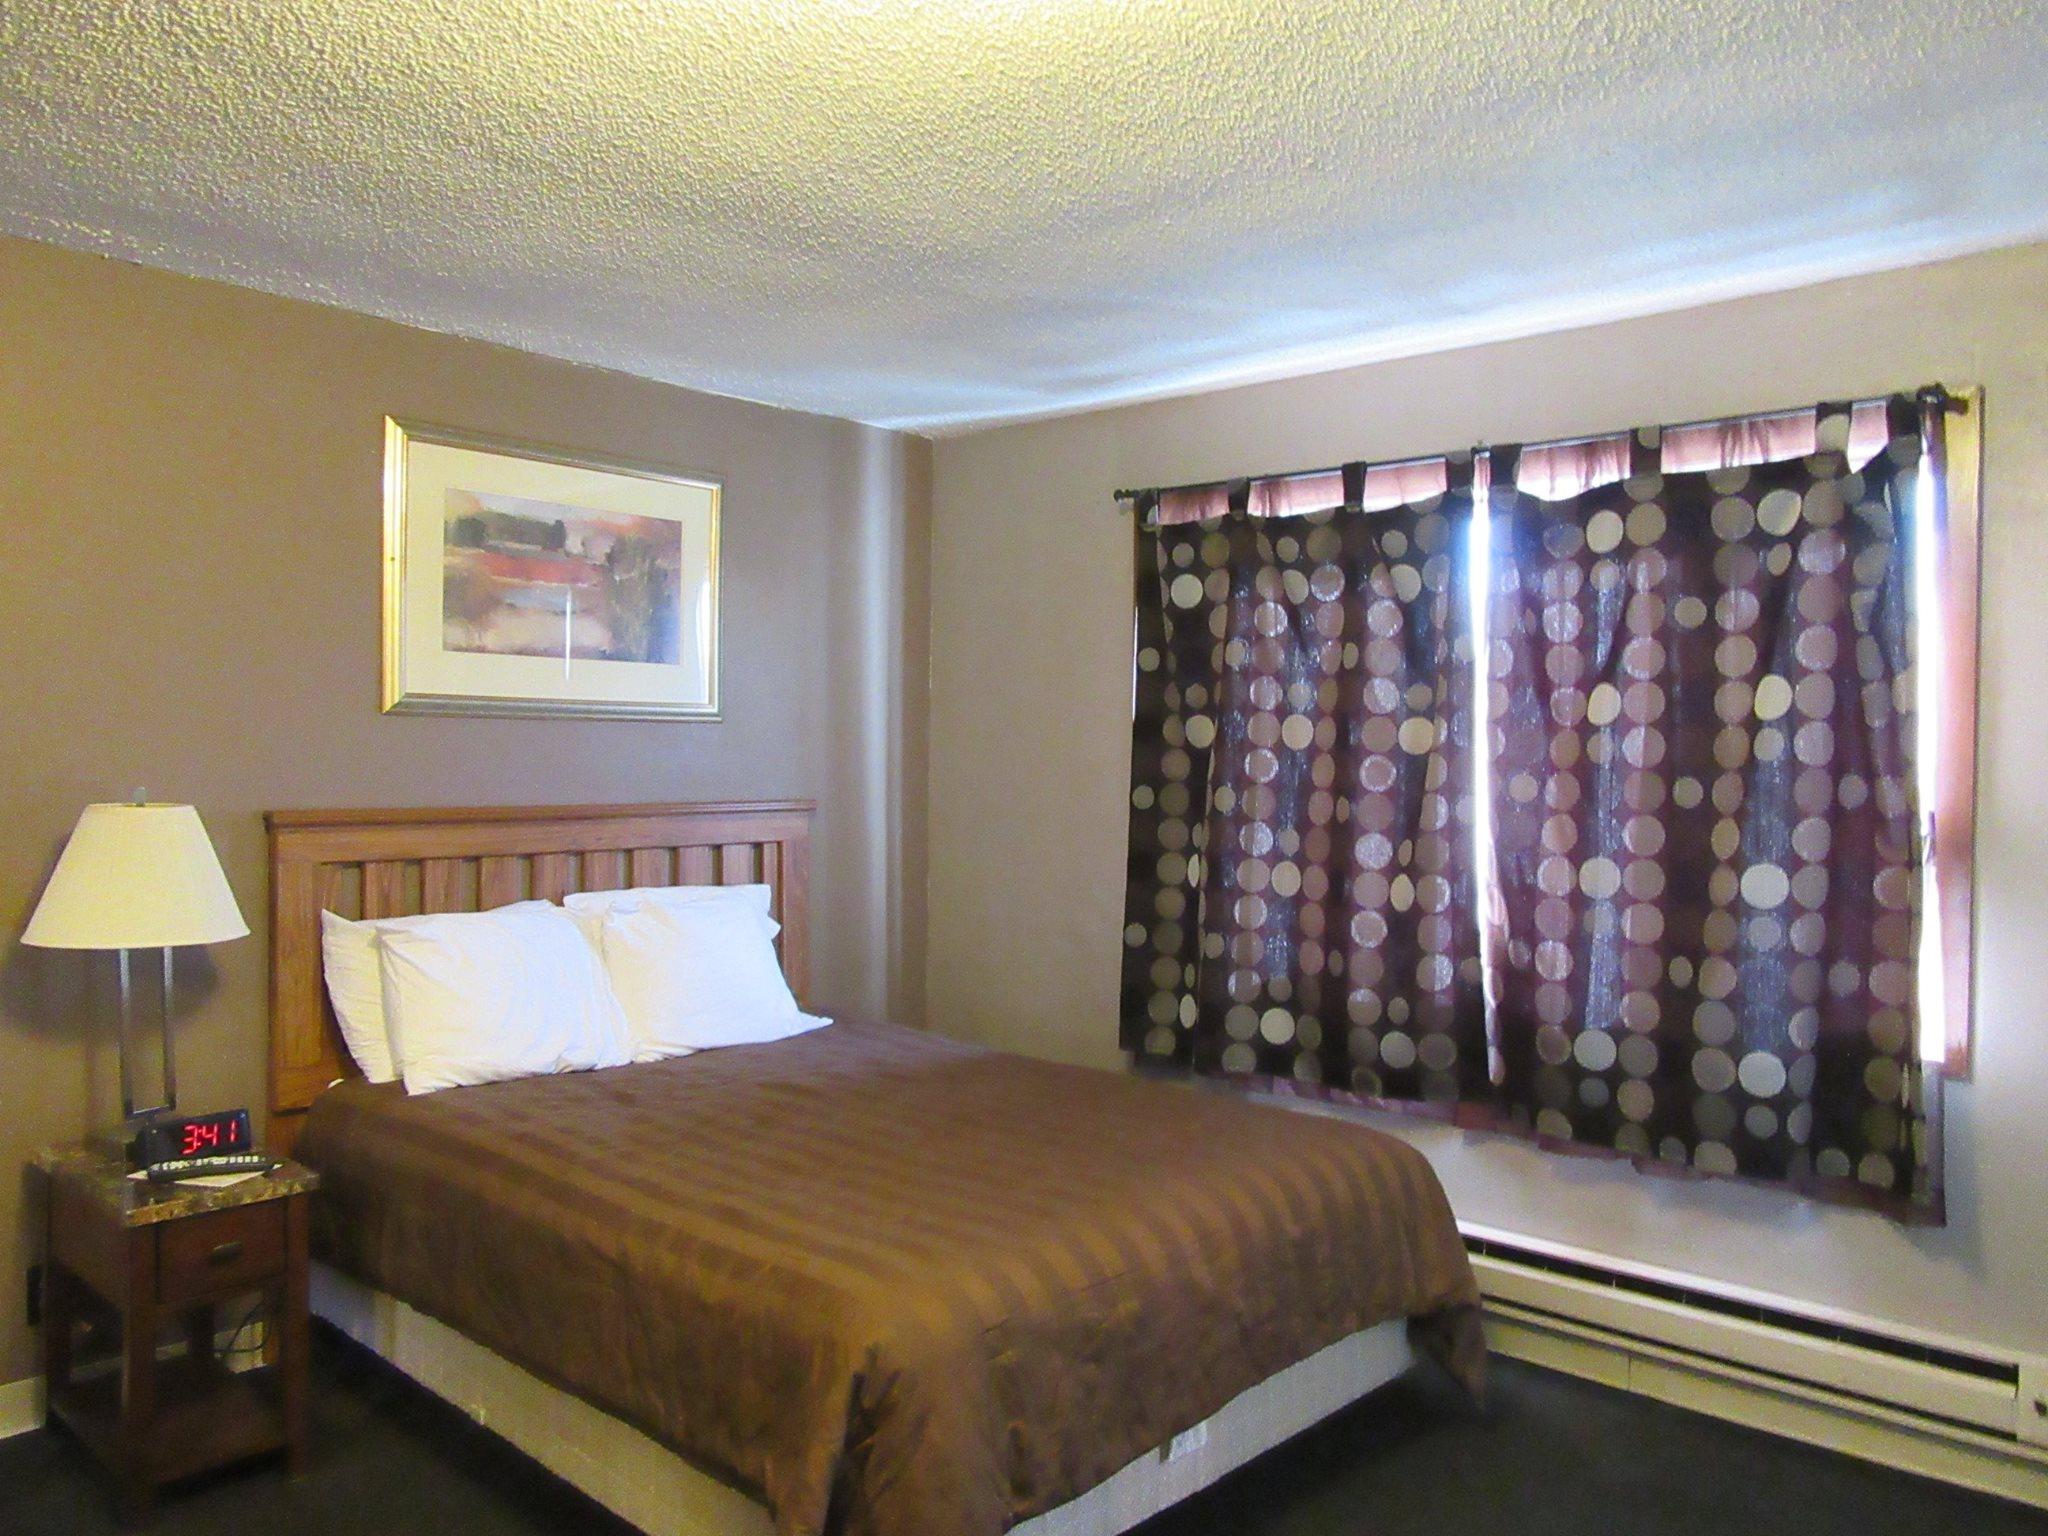 pullman motel2.jpg